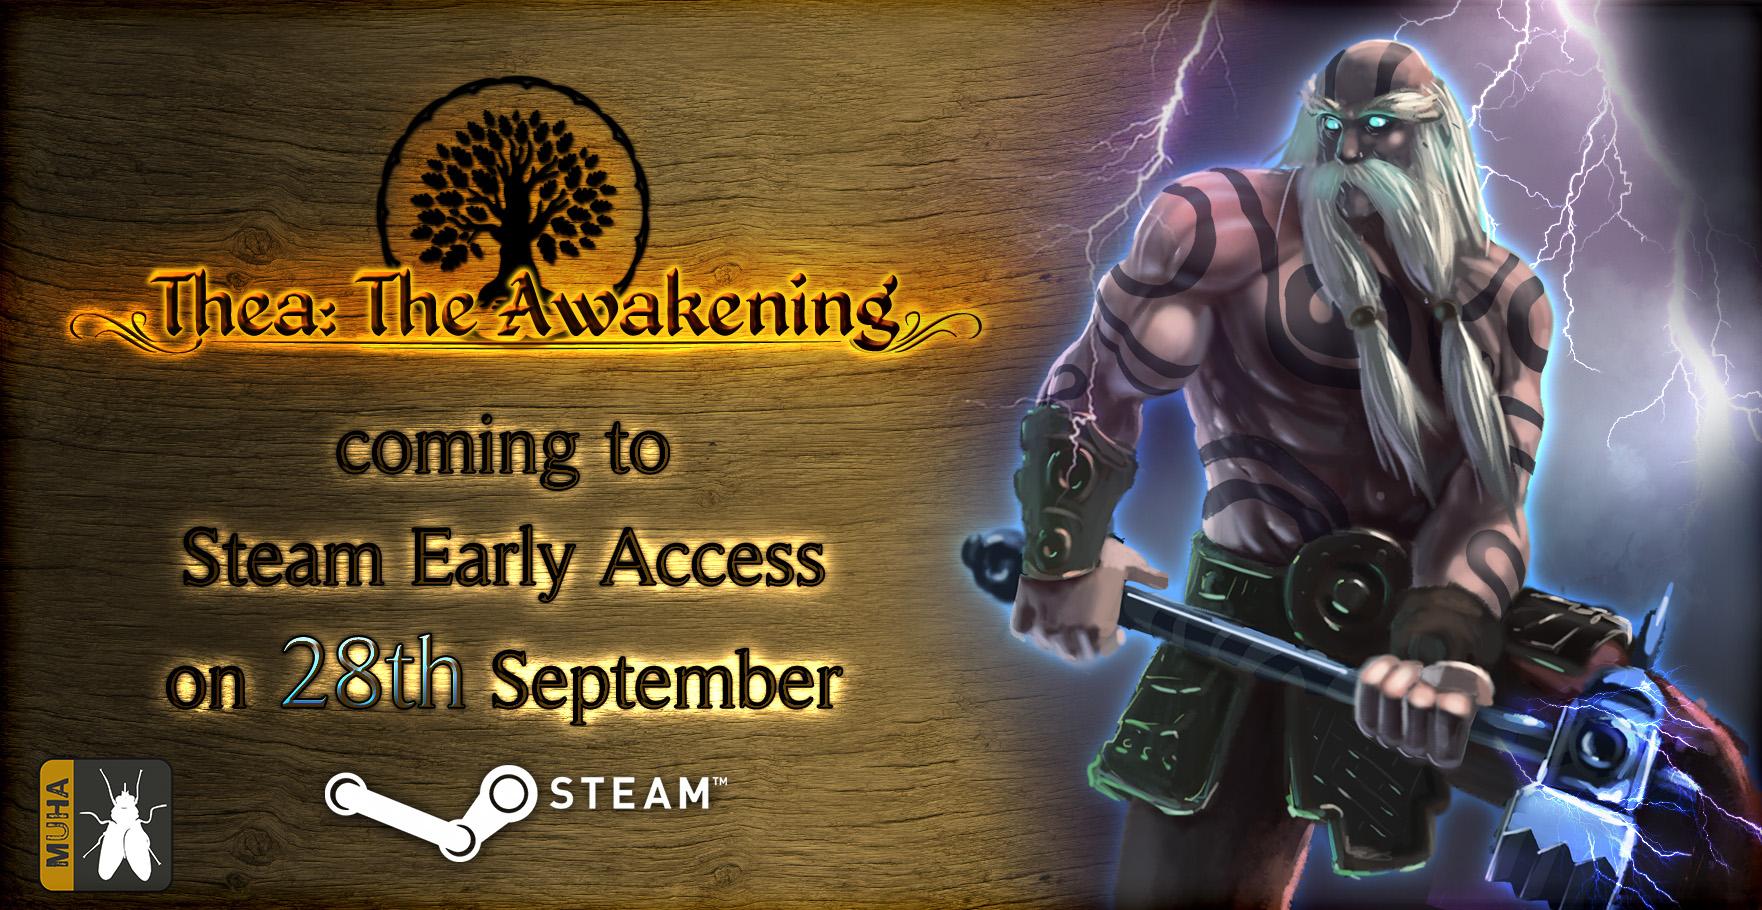 Thea: The Awakrning EarlyAccess